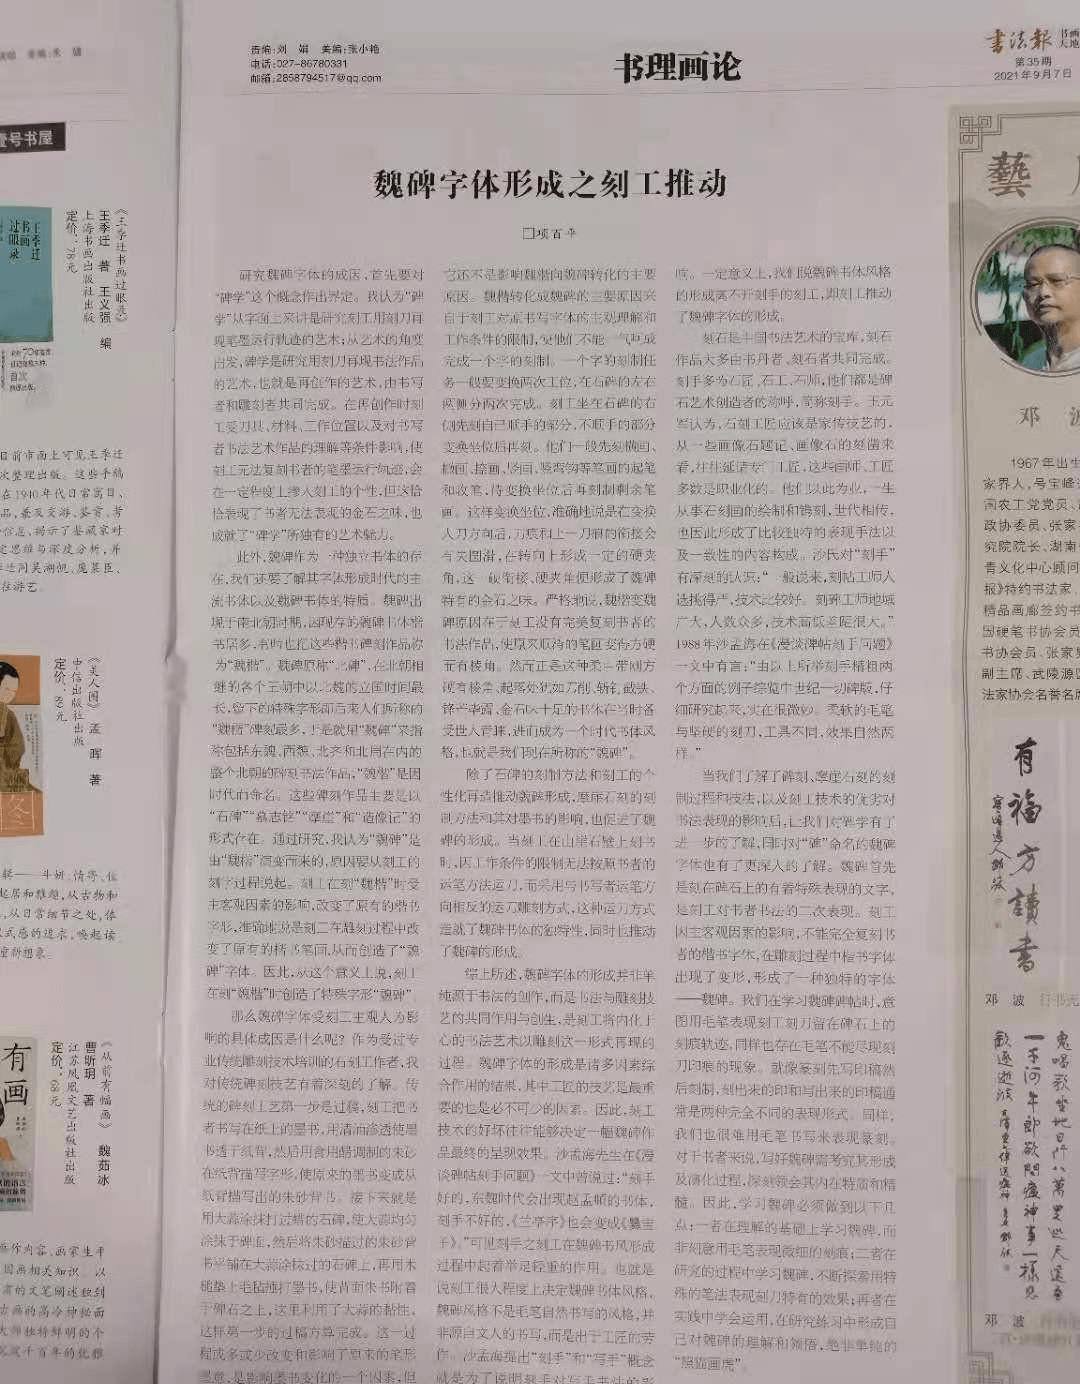 魏碑字体形成之刻工推动-天津热点网